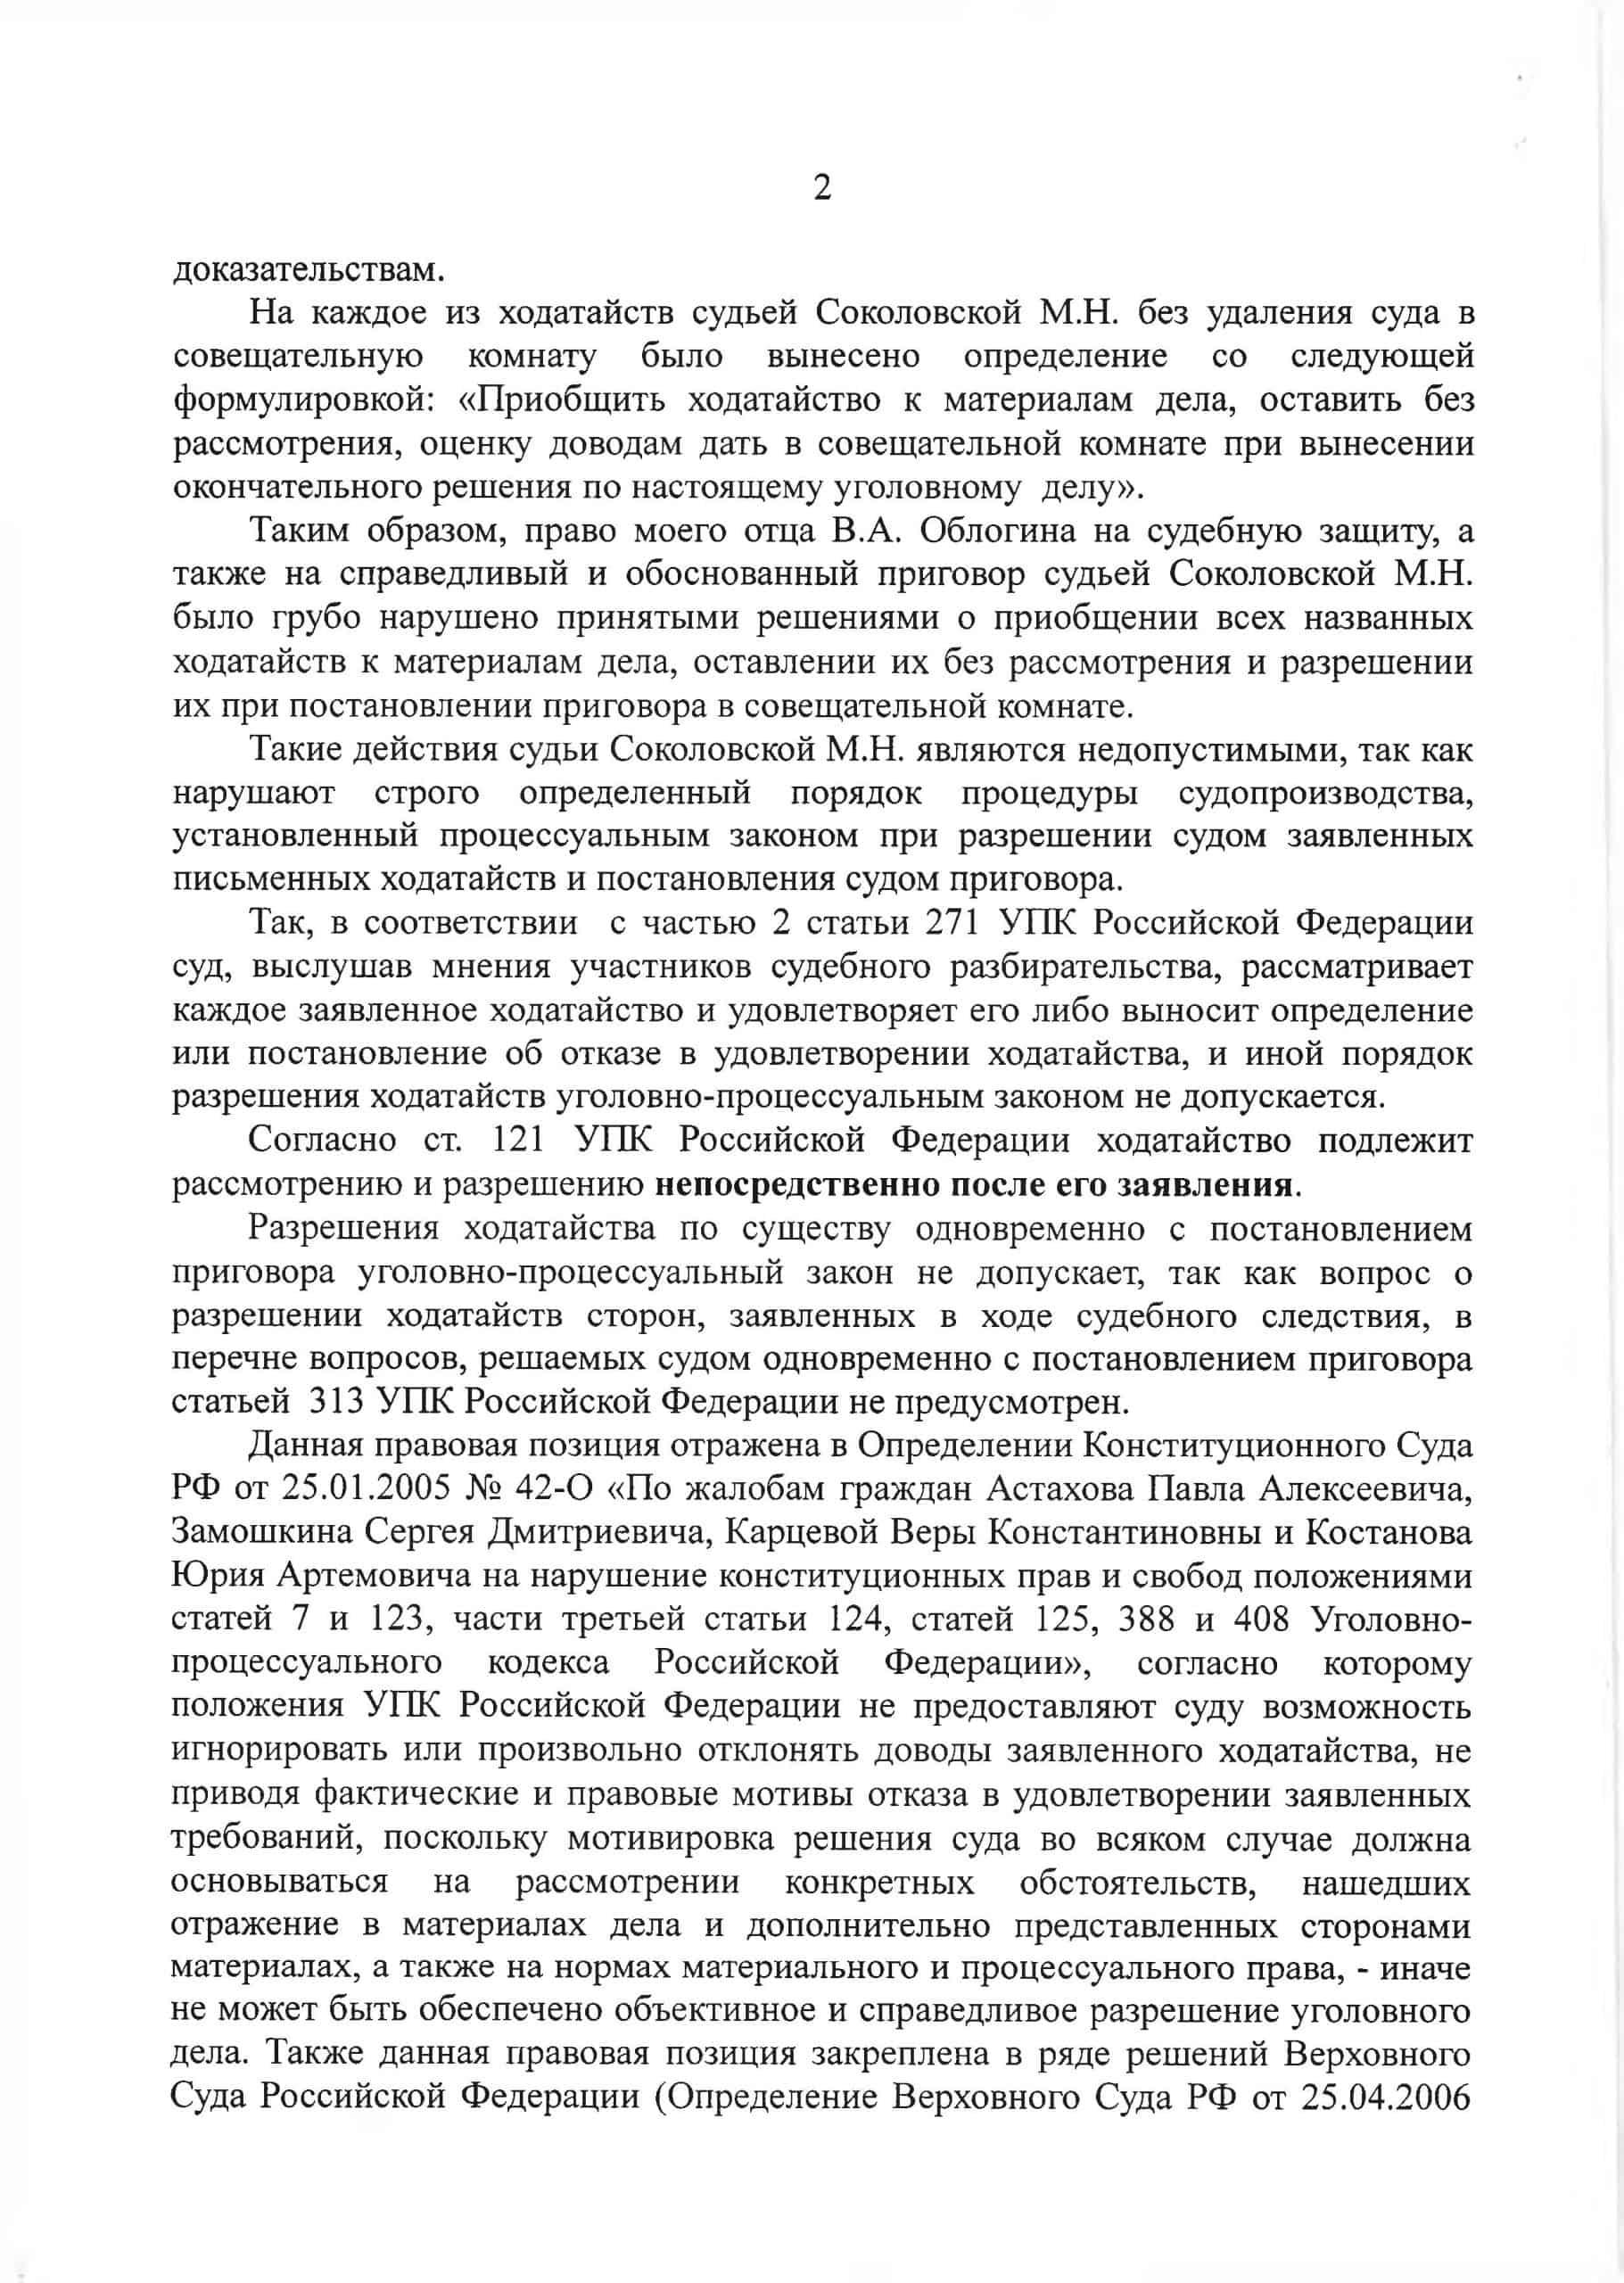 Пример обращения в ВС Республики Алтай